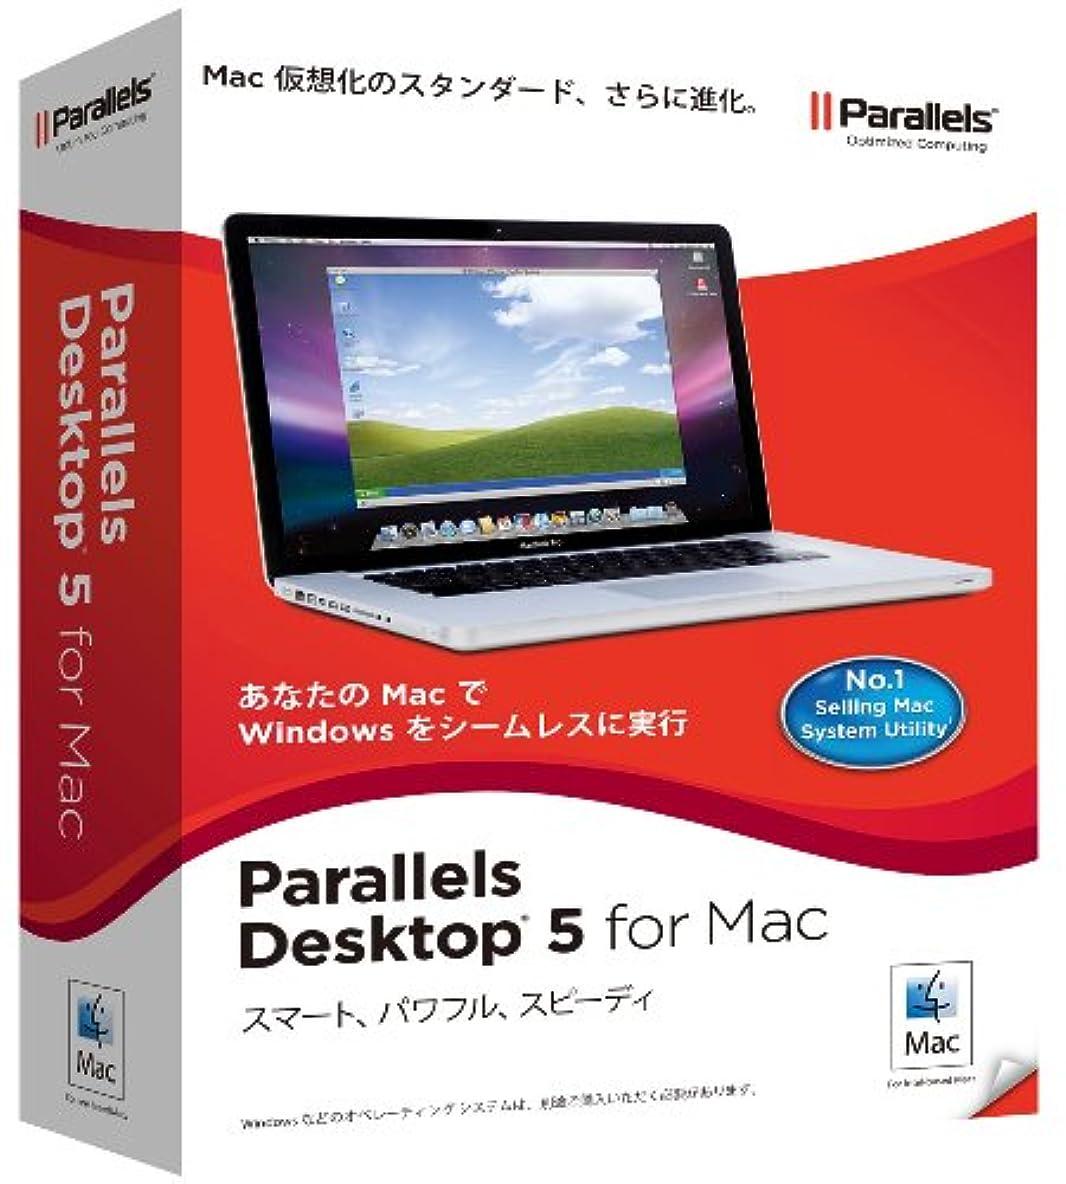 フィルタ到着する応答Parallels Desktop 5.0 For Mac